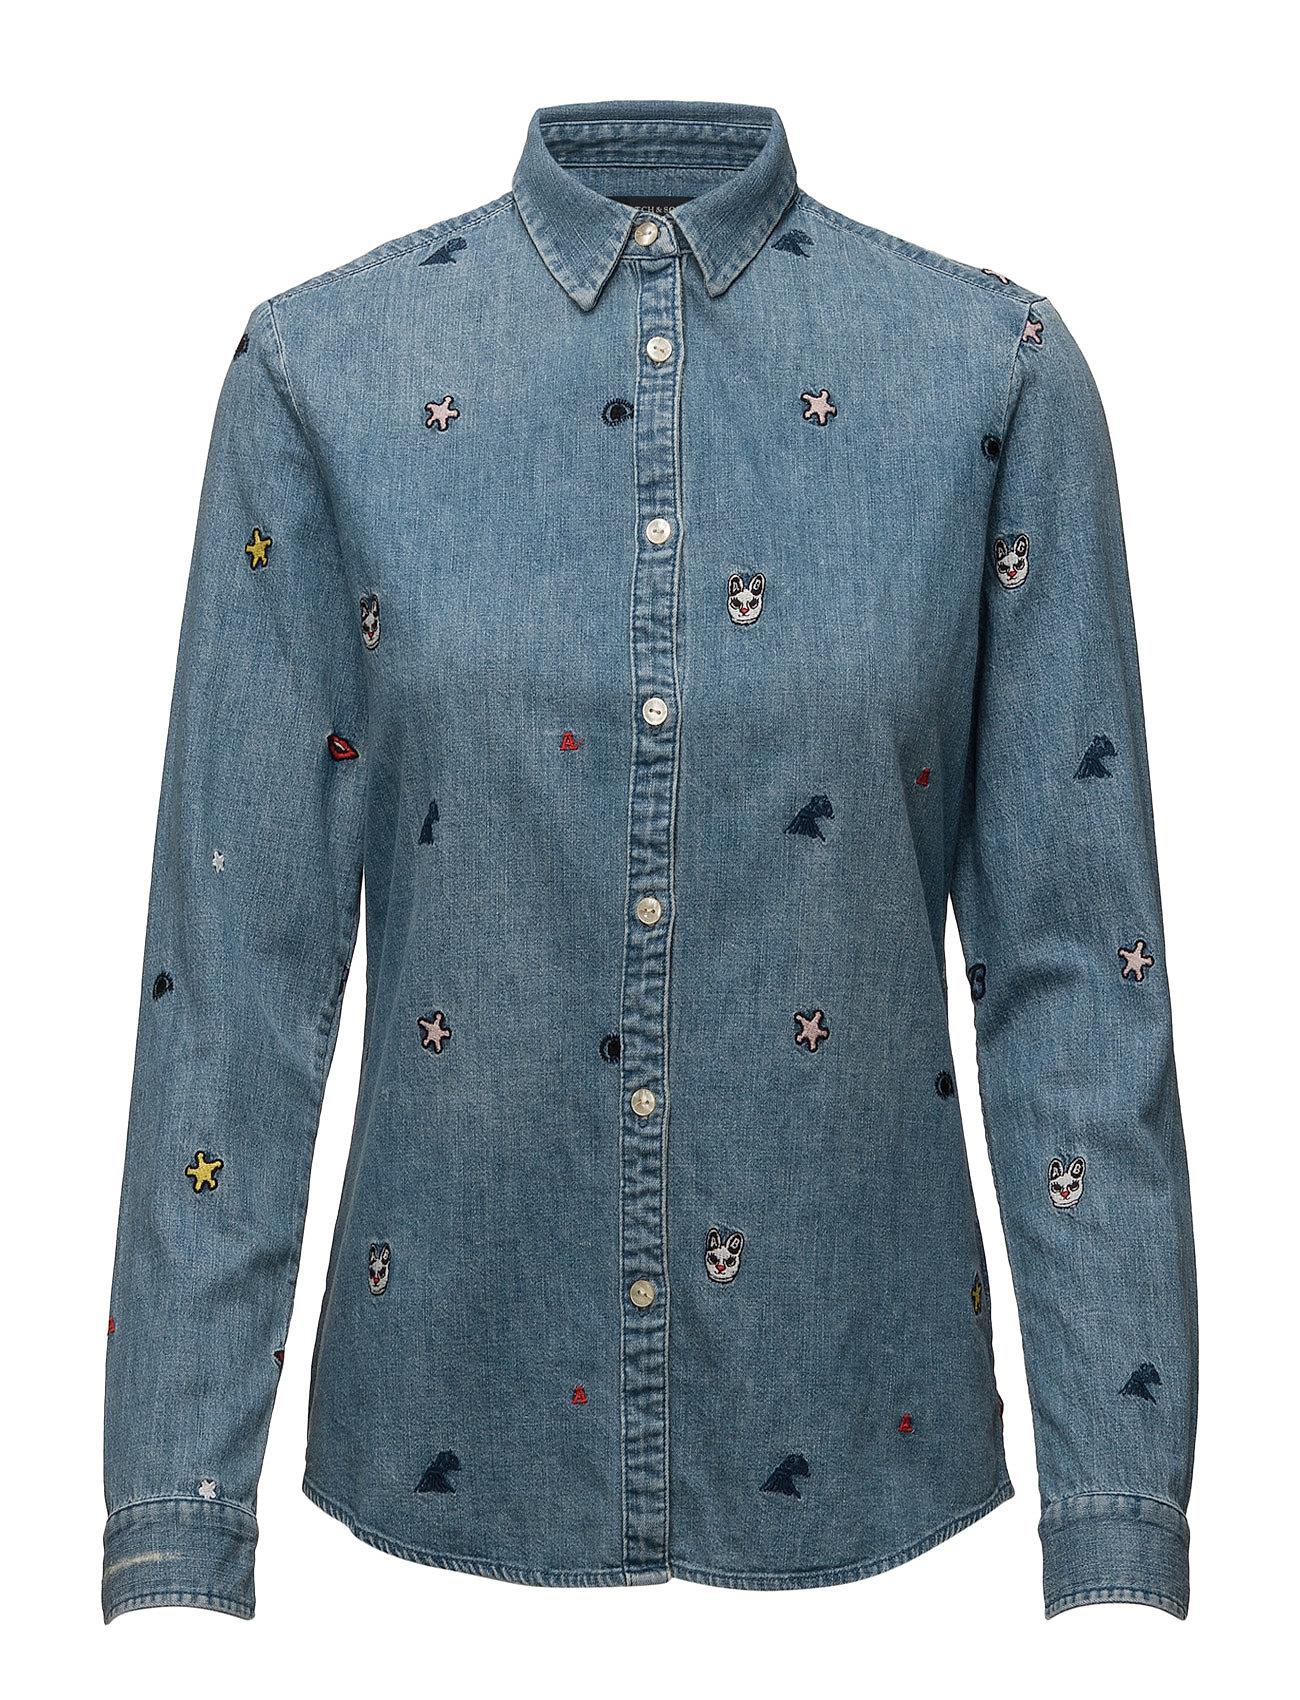 Allover Embroidered Shirt Scotch & Soda Trøjer til Kvinder i Combo A